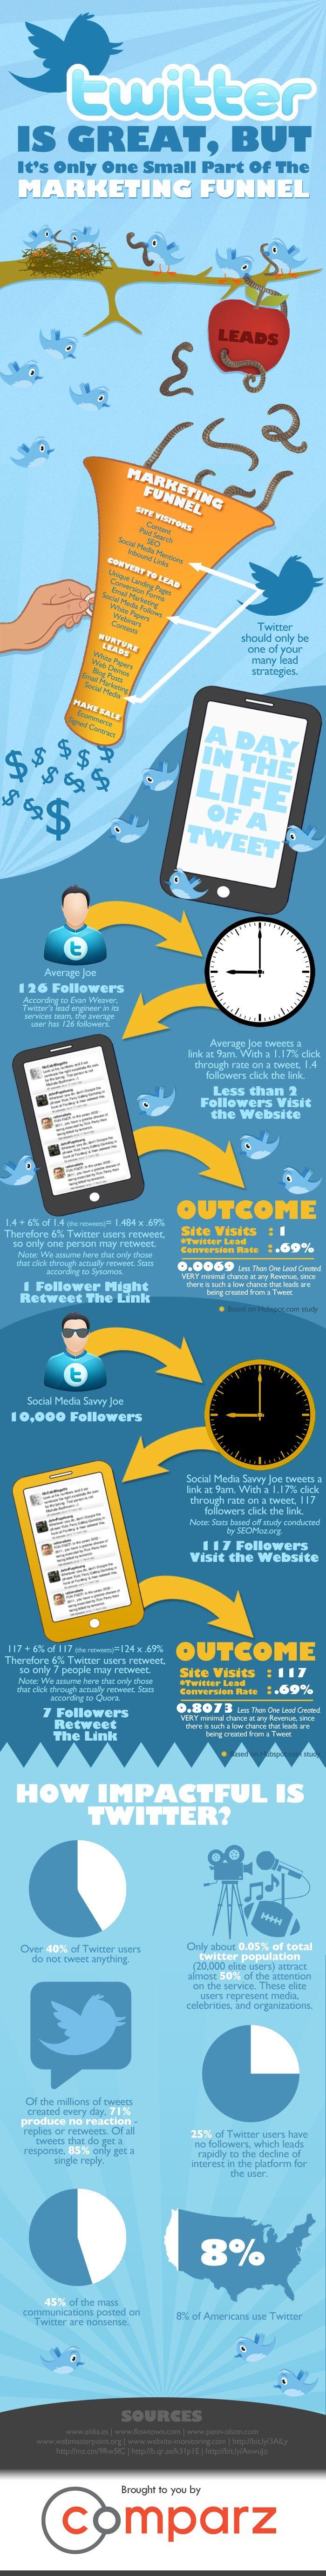 Twitter es solo una pieza de tu marketing.  ¿cuanto tiempo le dedicas? #infographic (repinned by @rcerrada)